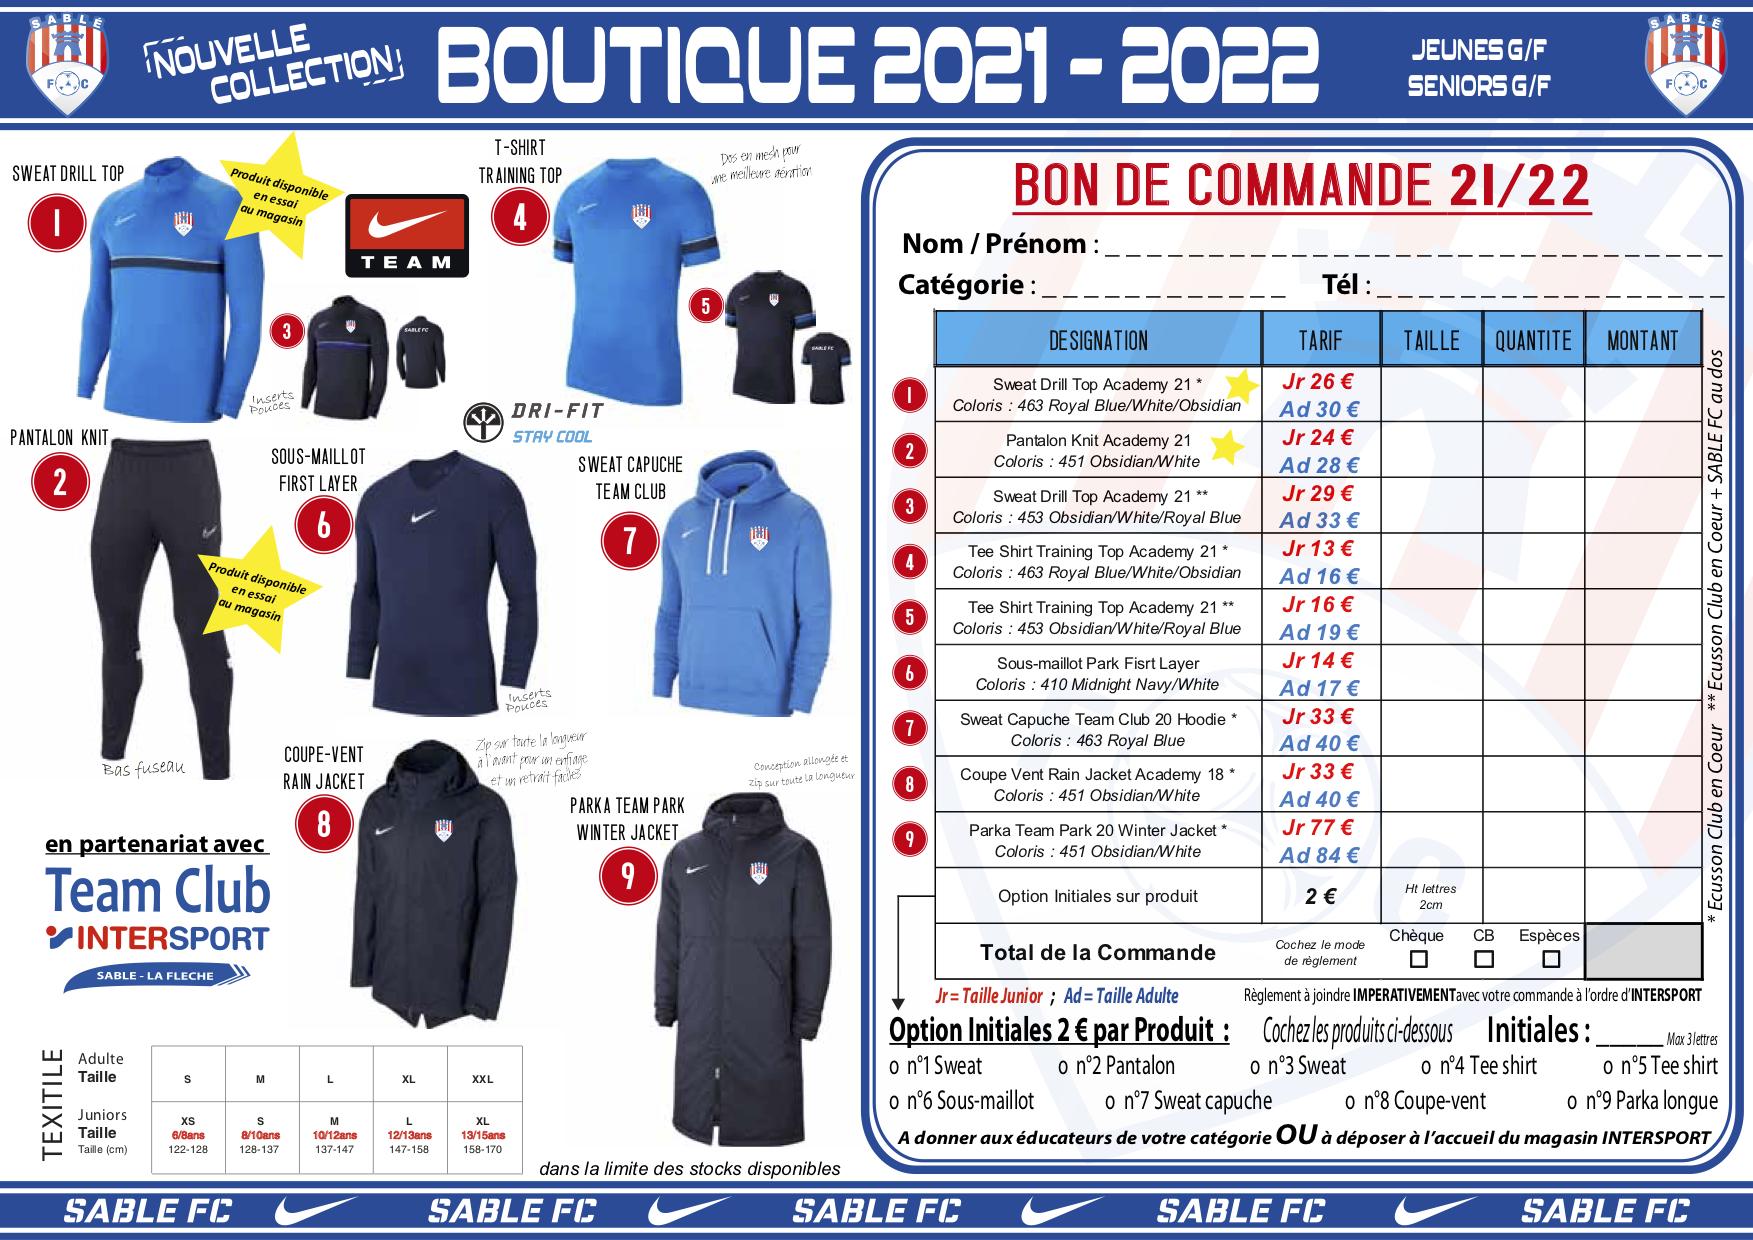 SABLE FC 2021-2022 BOUTIQUE JEUNES-SENIORS G-F.png